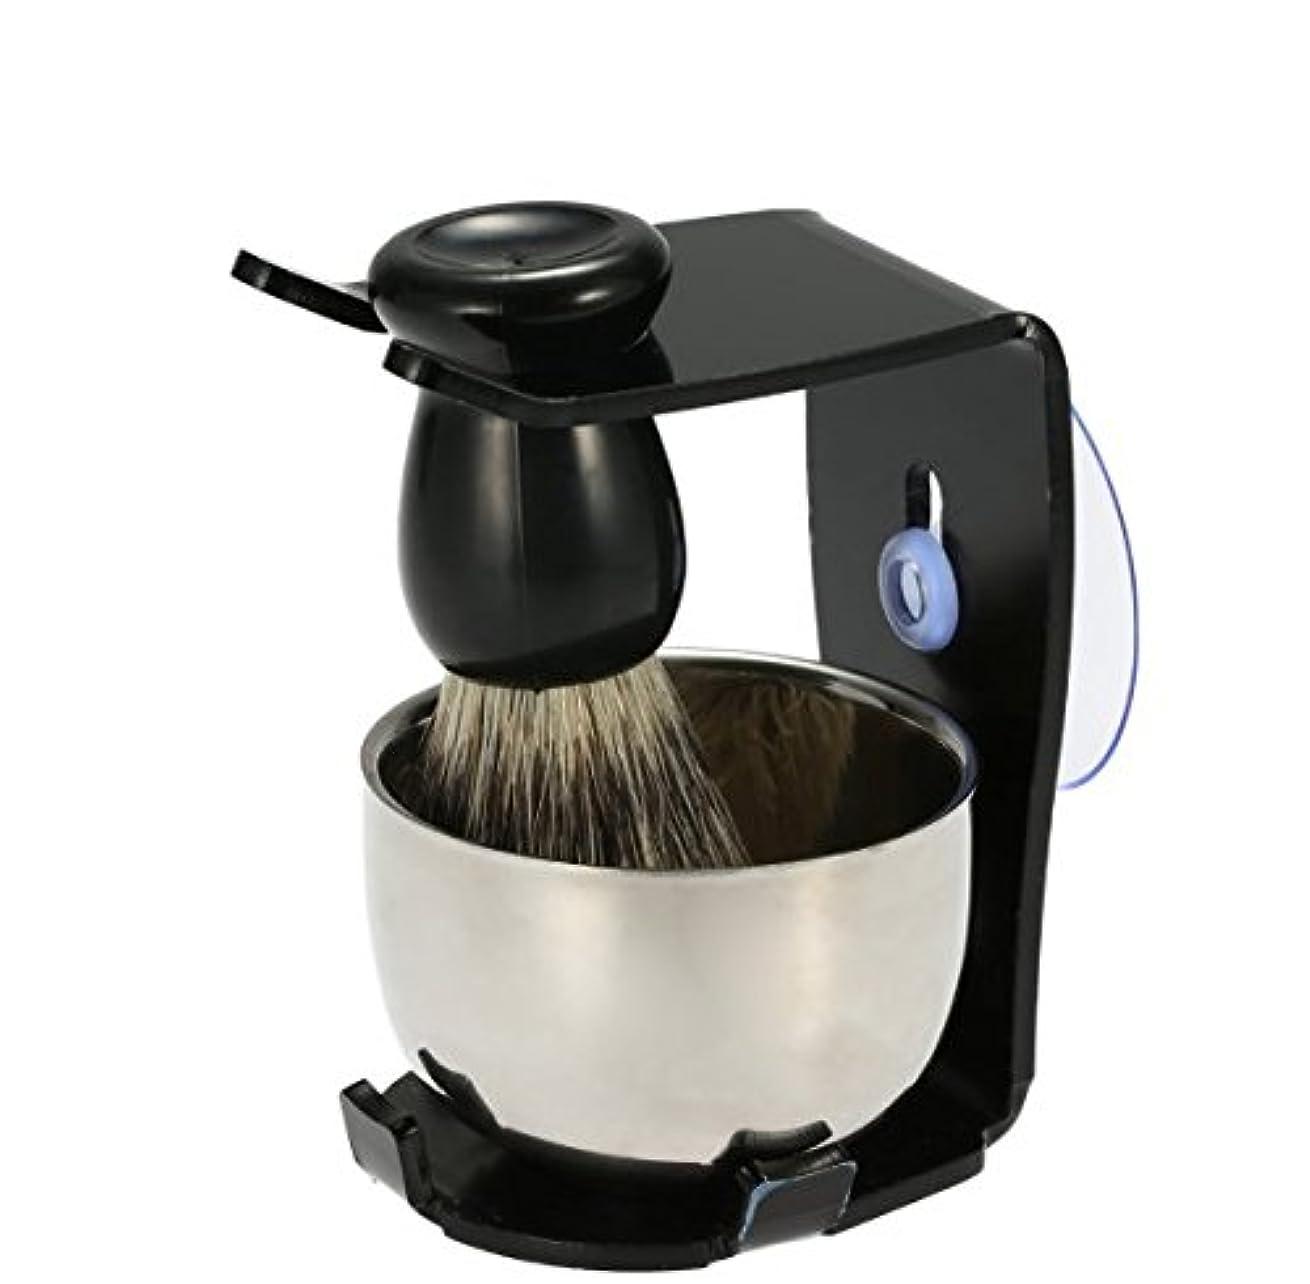 不良品チーズ脚3 In 1 Men's Shaving Razor Set Badger Hair Shaving Brush Stand Razor Holder